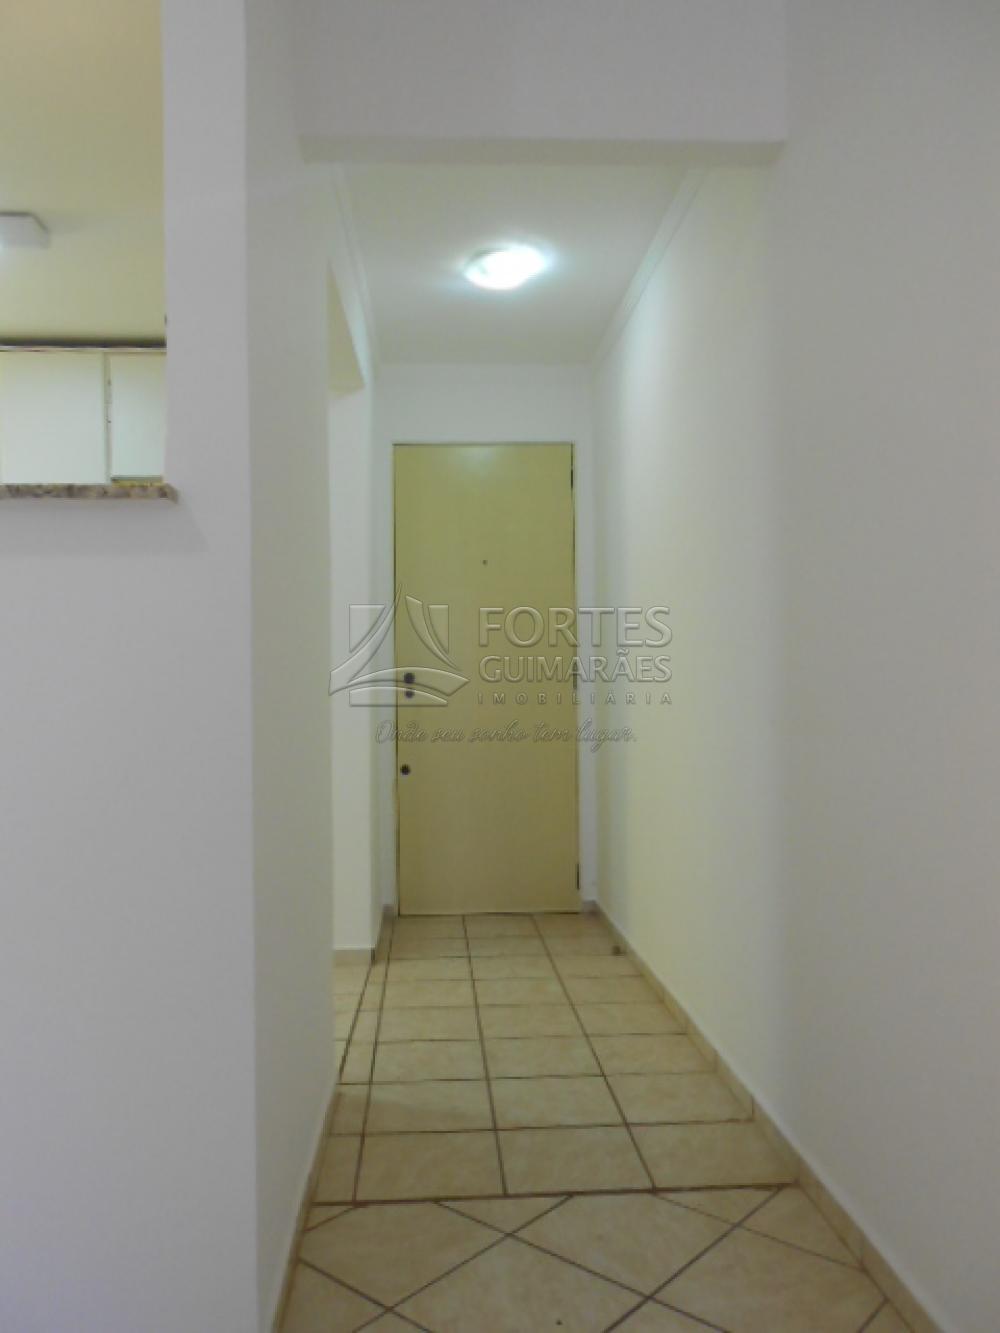 Alugar Apartamentos / Padrão em Ribeirão Preto apenas R$ 950,00 - Foto 2